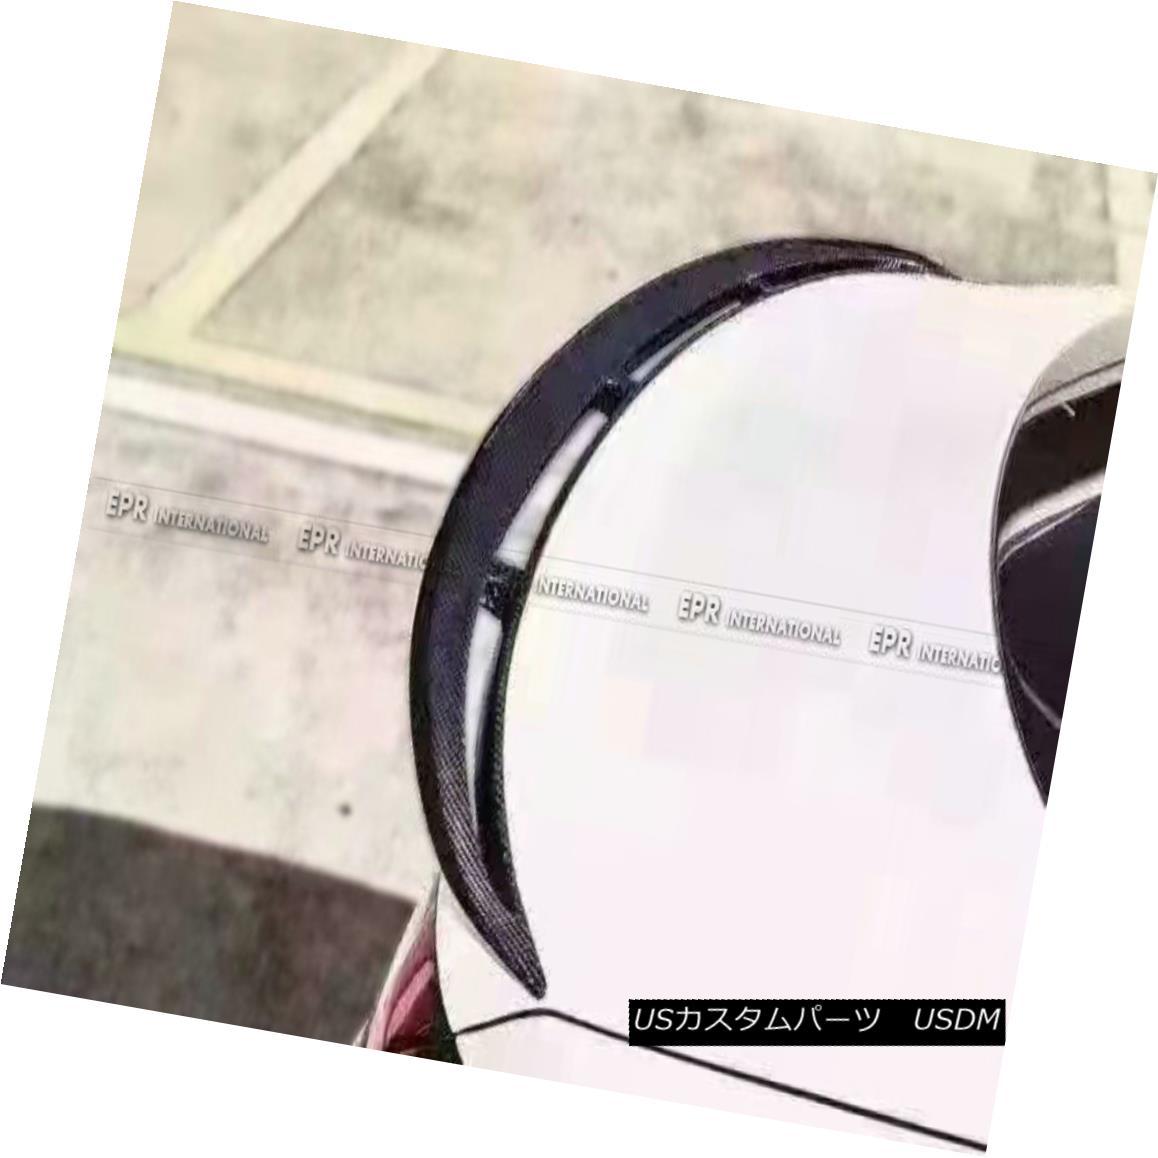 エアロパーツ For Volkswagon 09-12 Passat CC Karztec Carbon Fiber Rear Trunk Spoiler Wing Kit フォルクスワーゲン09-12 Passat CC Karztecカーボンファイバーリアトランク・スポイラー・ウィング・キット